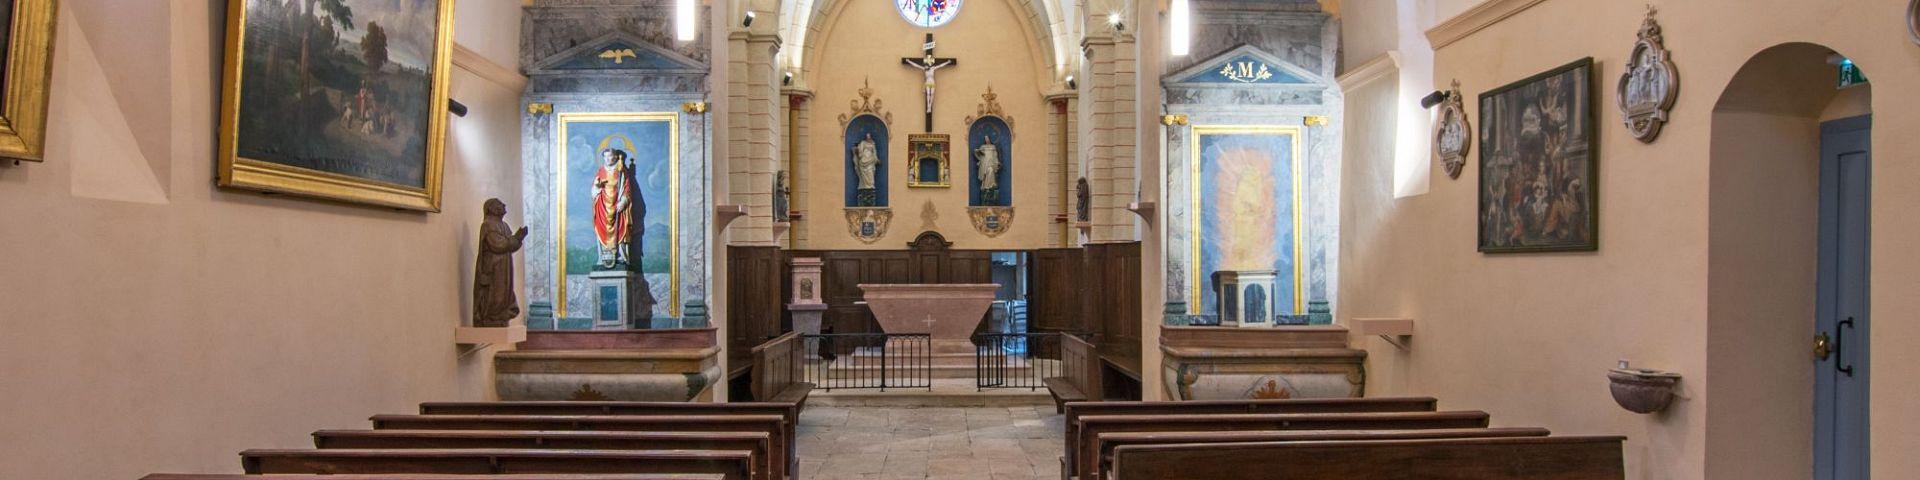 Saint-Philibert - Eglise St-Philibert (21)